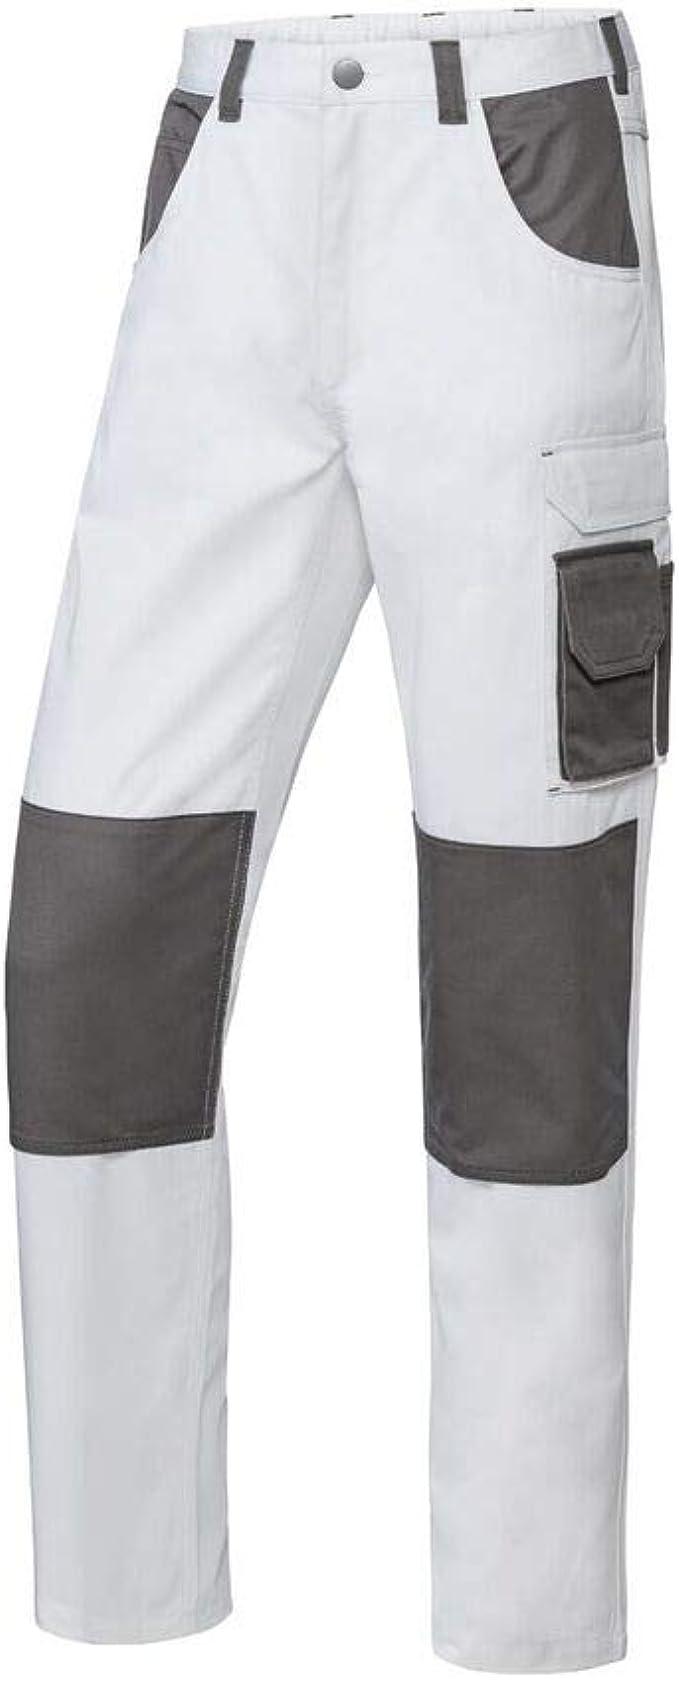 Parkside Pantalones De Trabajo Profesionales Multifuncion Talla 52 Amazon Es Ropa Y Accesorios